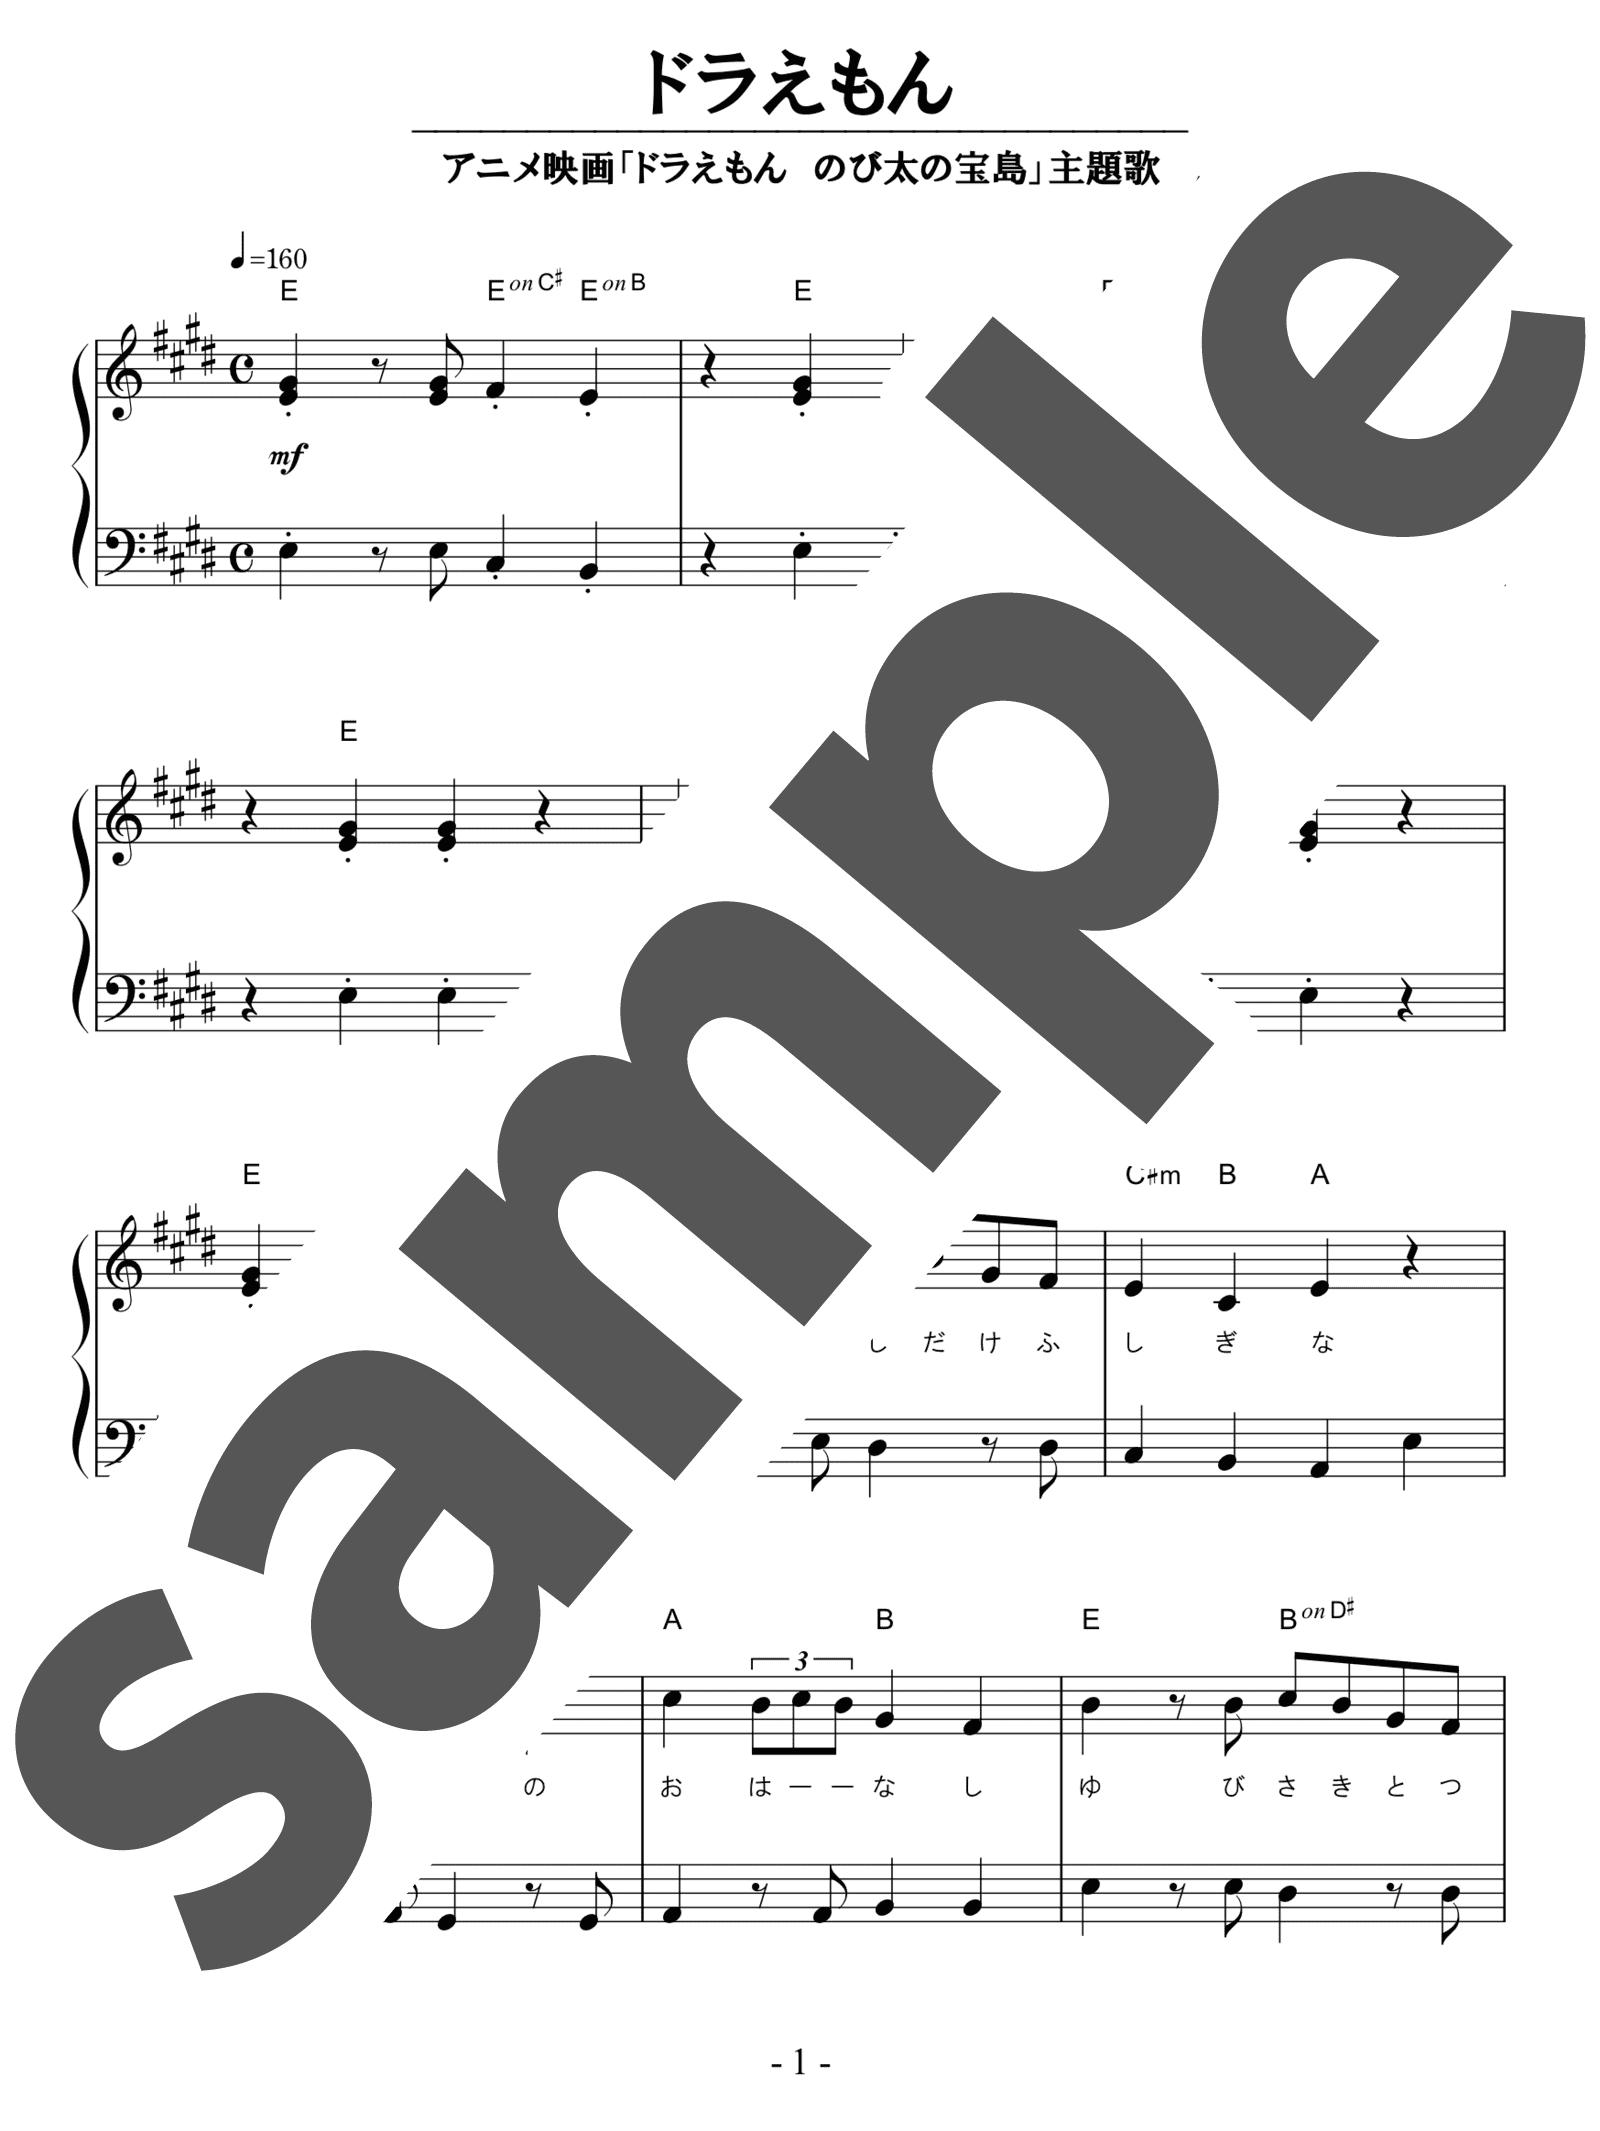 「ドラえもん」のサンプル楽譜